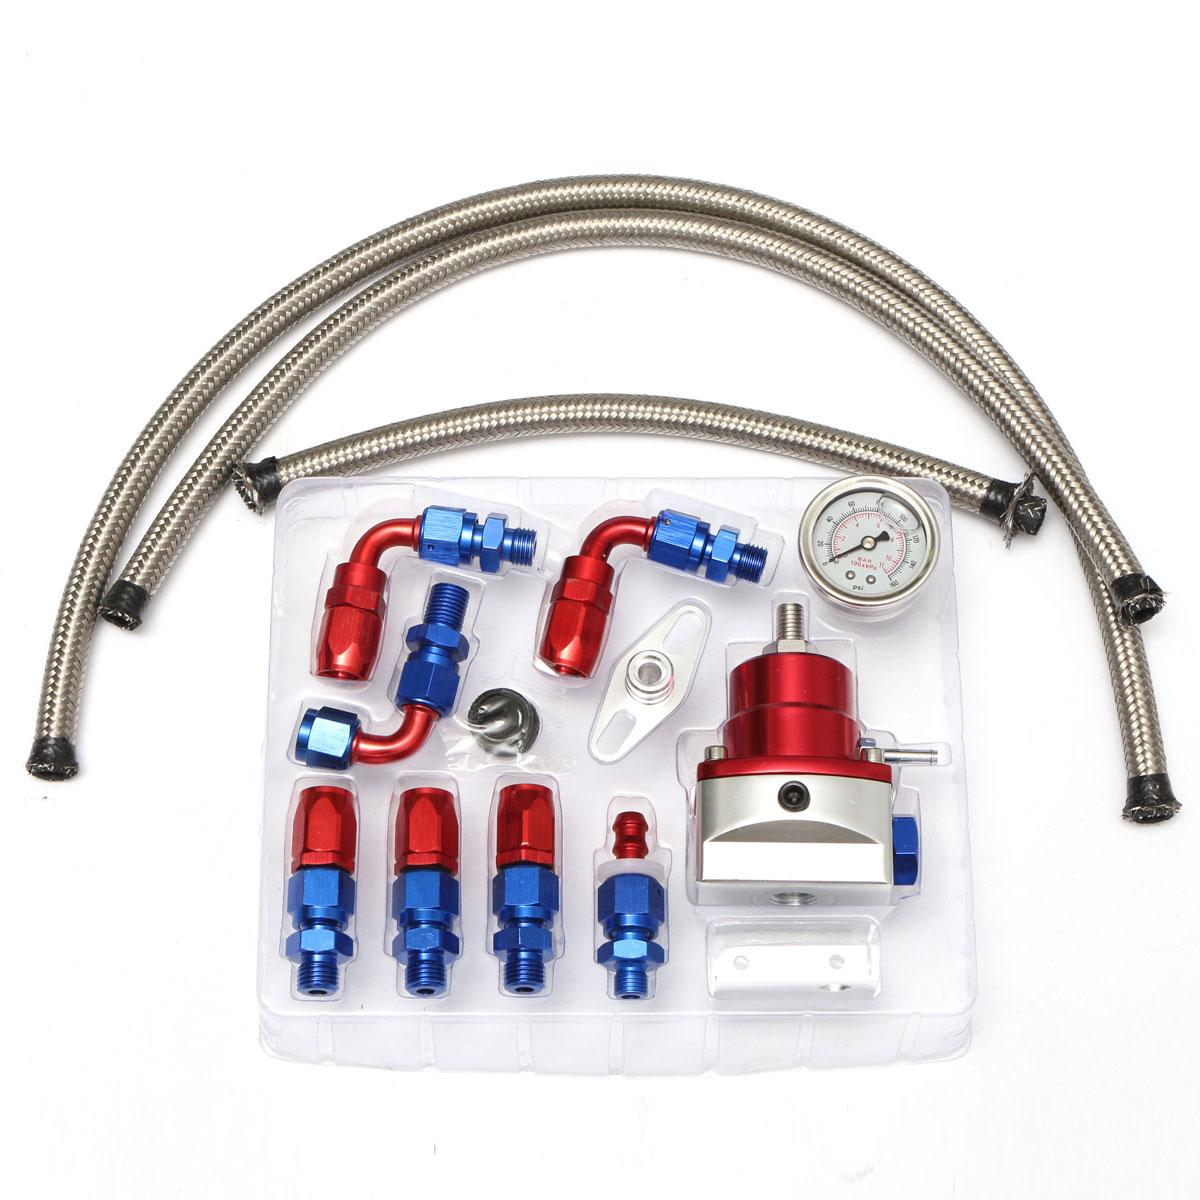 UniversaL Adjustable Fuel Pressure Regulator Kit 160PSI Oil Gauge Hose Fitting Kit -6AN Size все цены